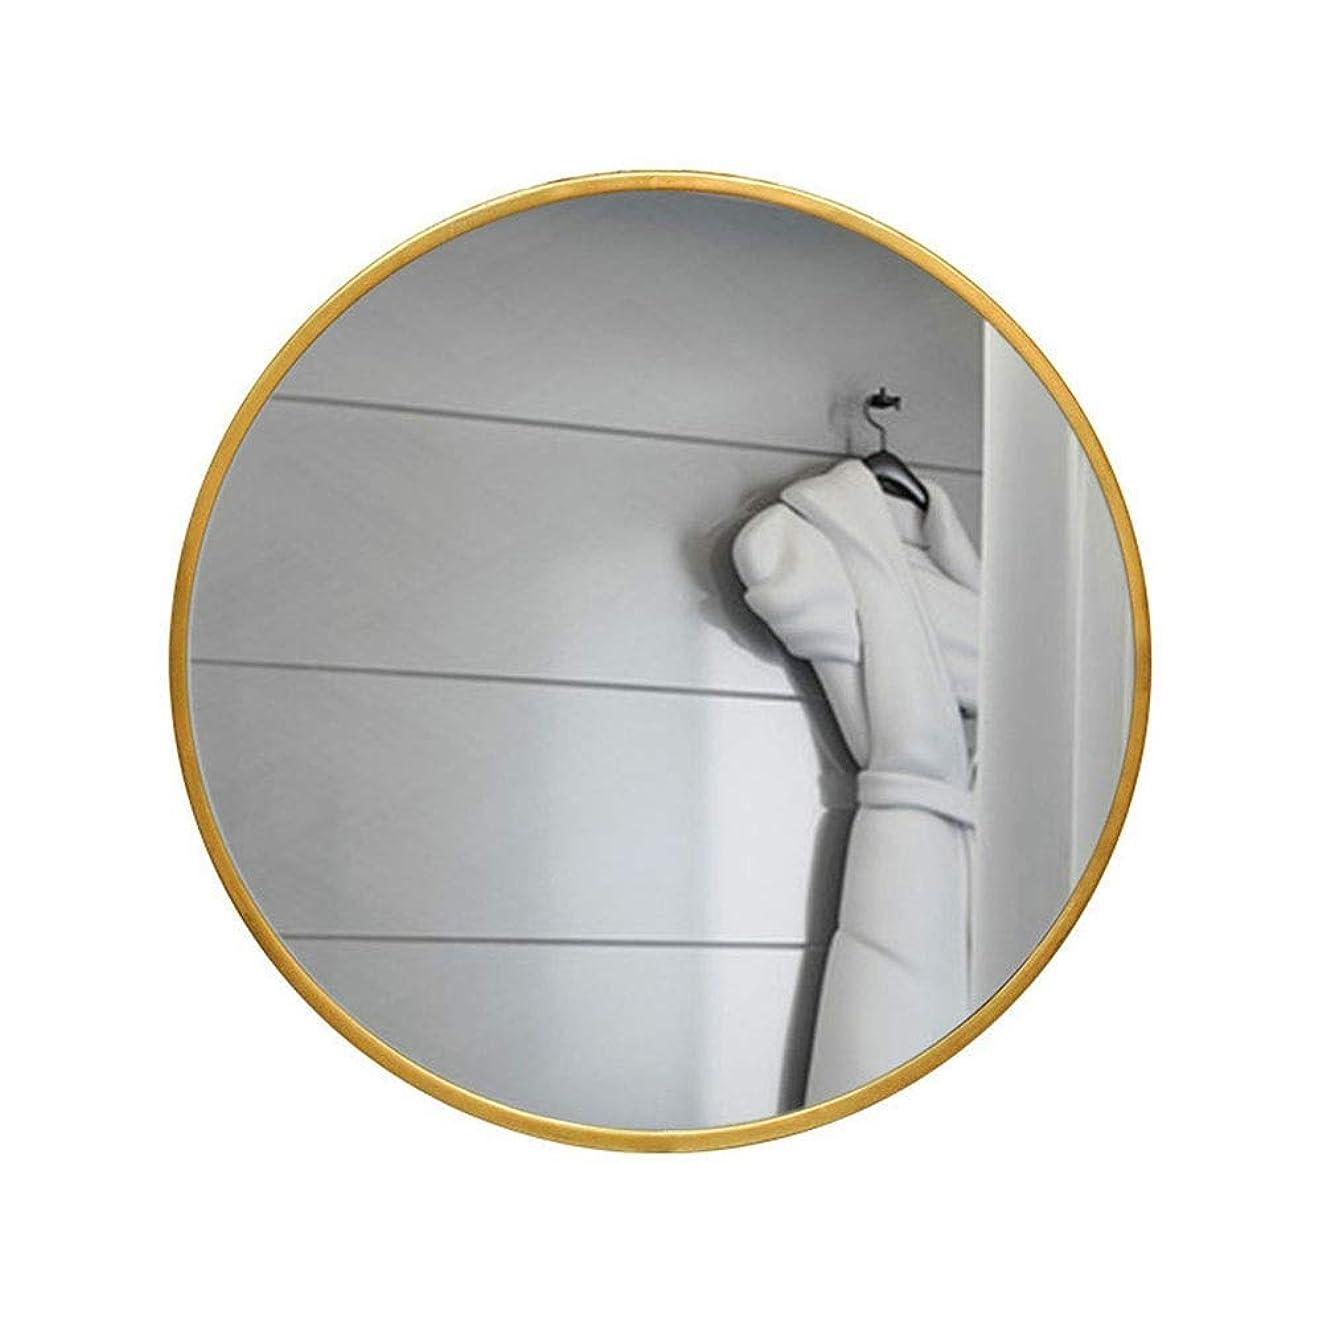 バージン貫通膜錬鉄製のバスルームのミラーバスルームの虚栄心の壁に取り付けられた虚栄心のホテルホテルの寝室の装飾ラウンドフィッティングミラー